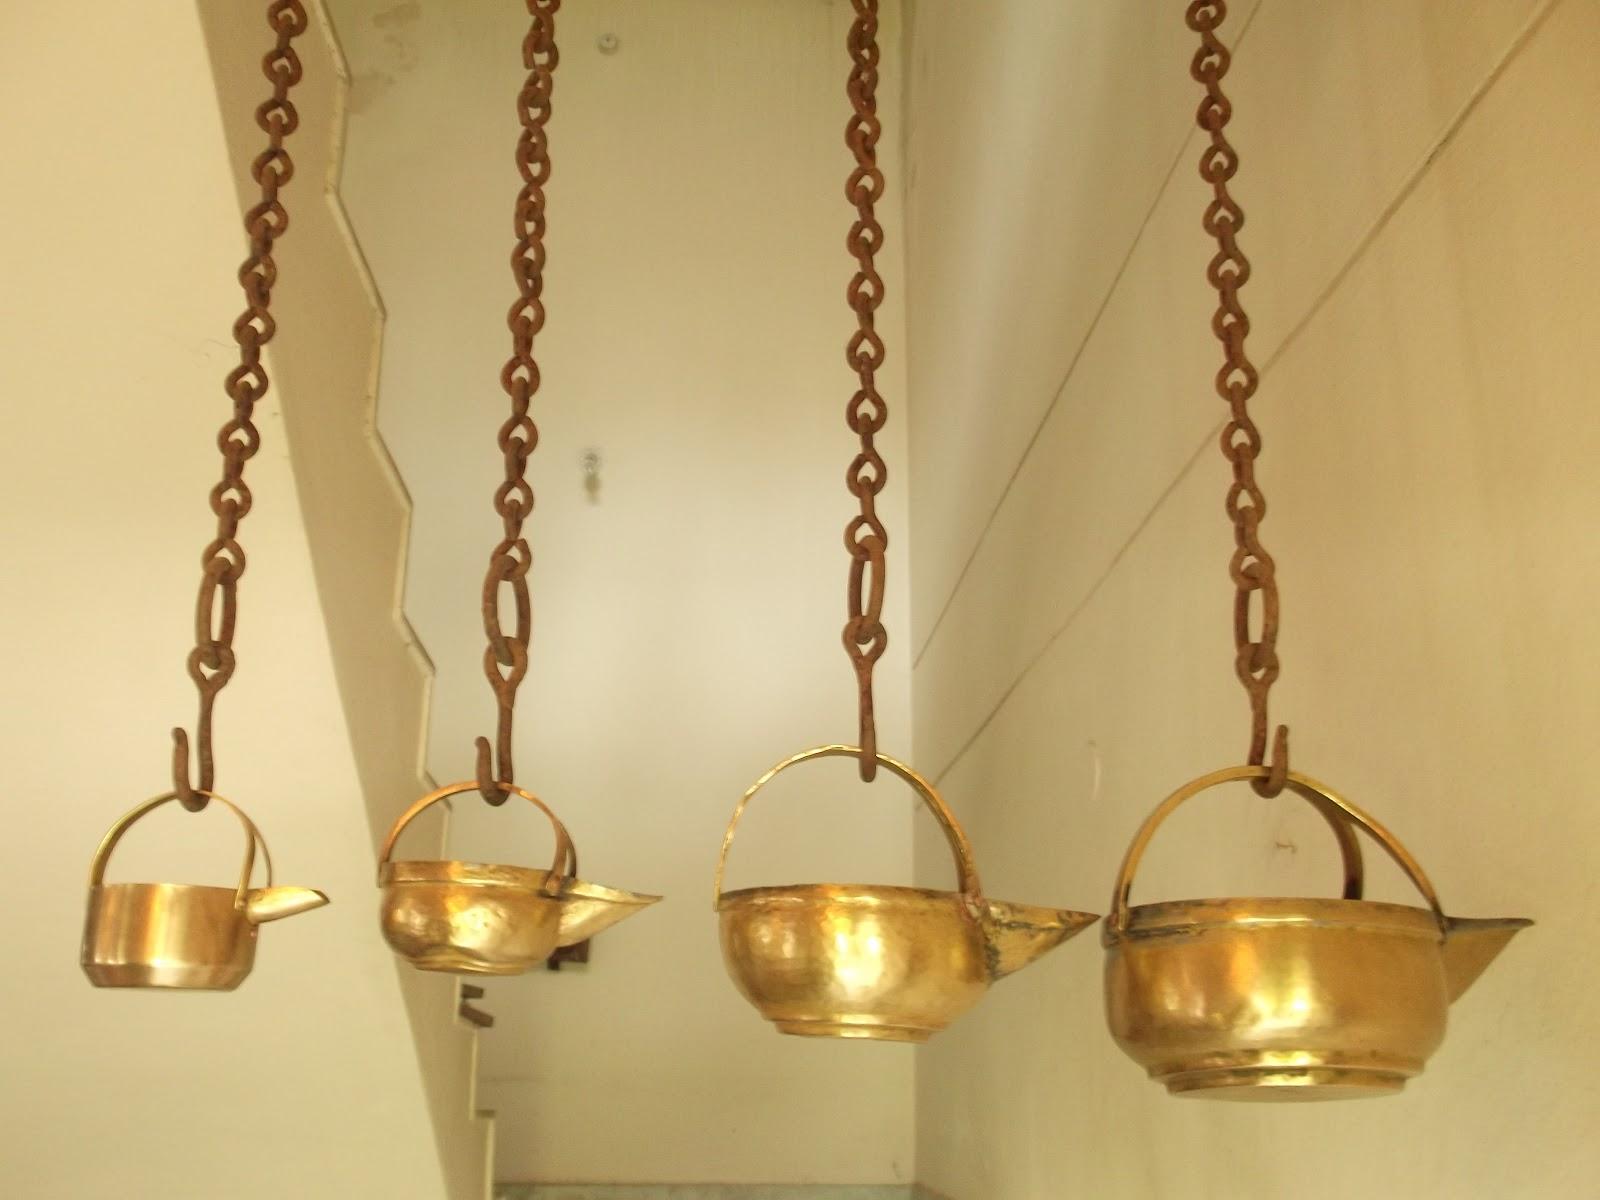 Antique Brass Serving Pots